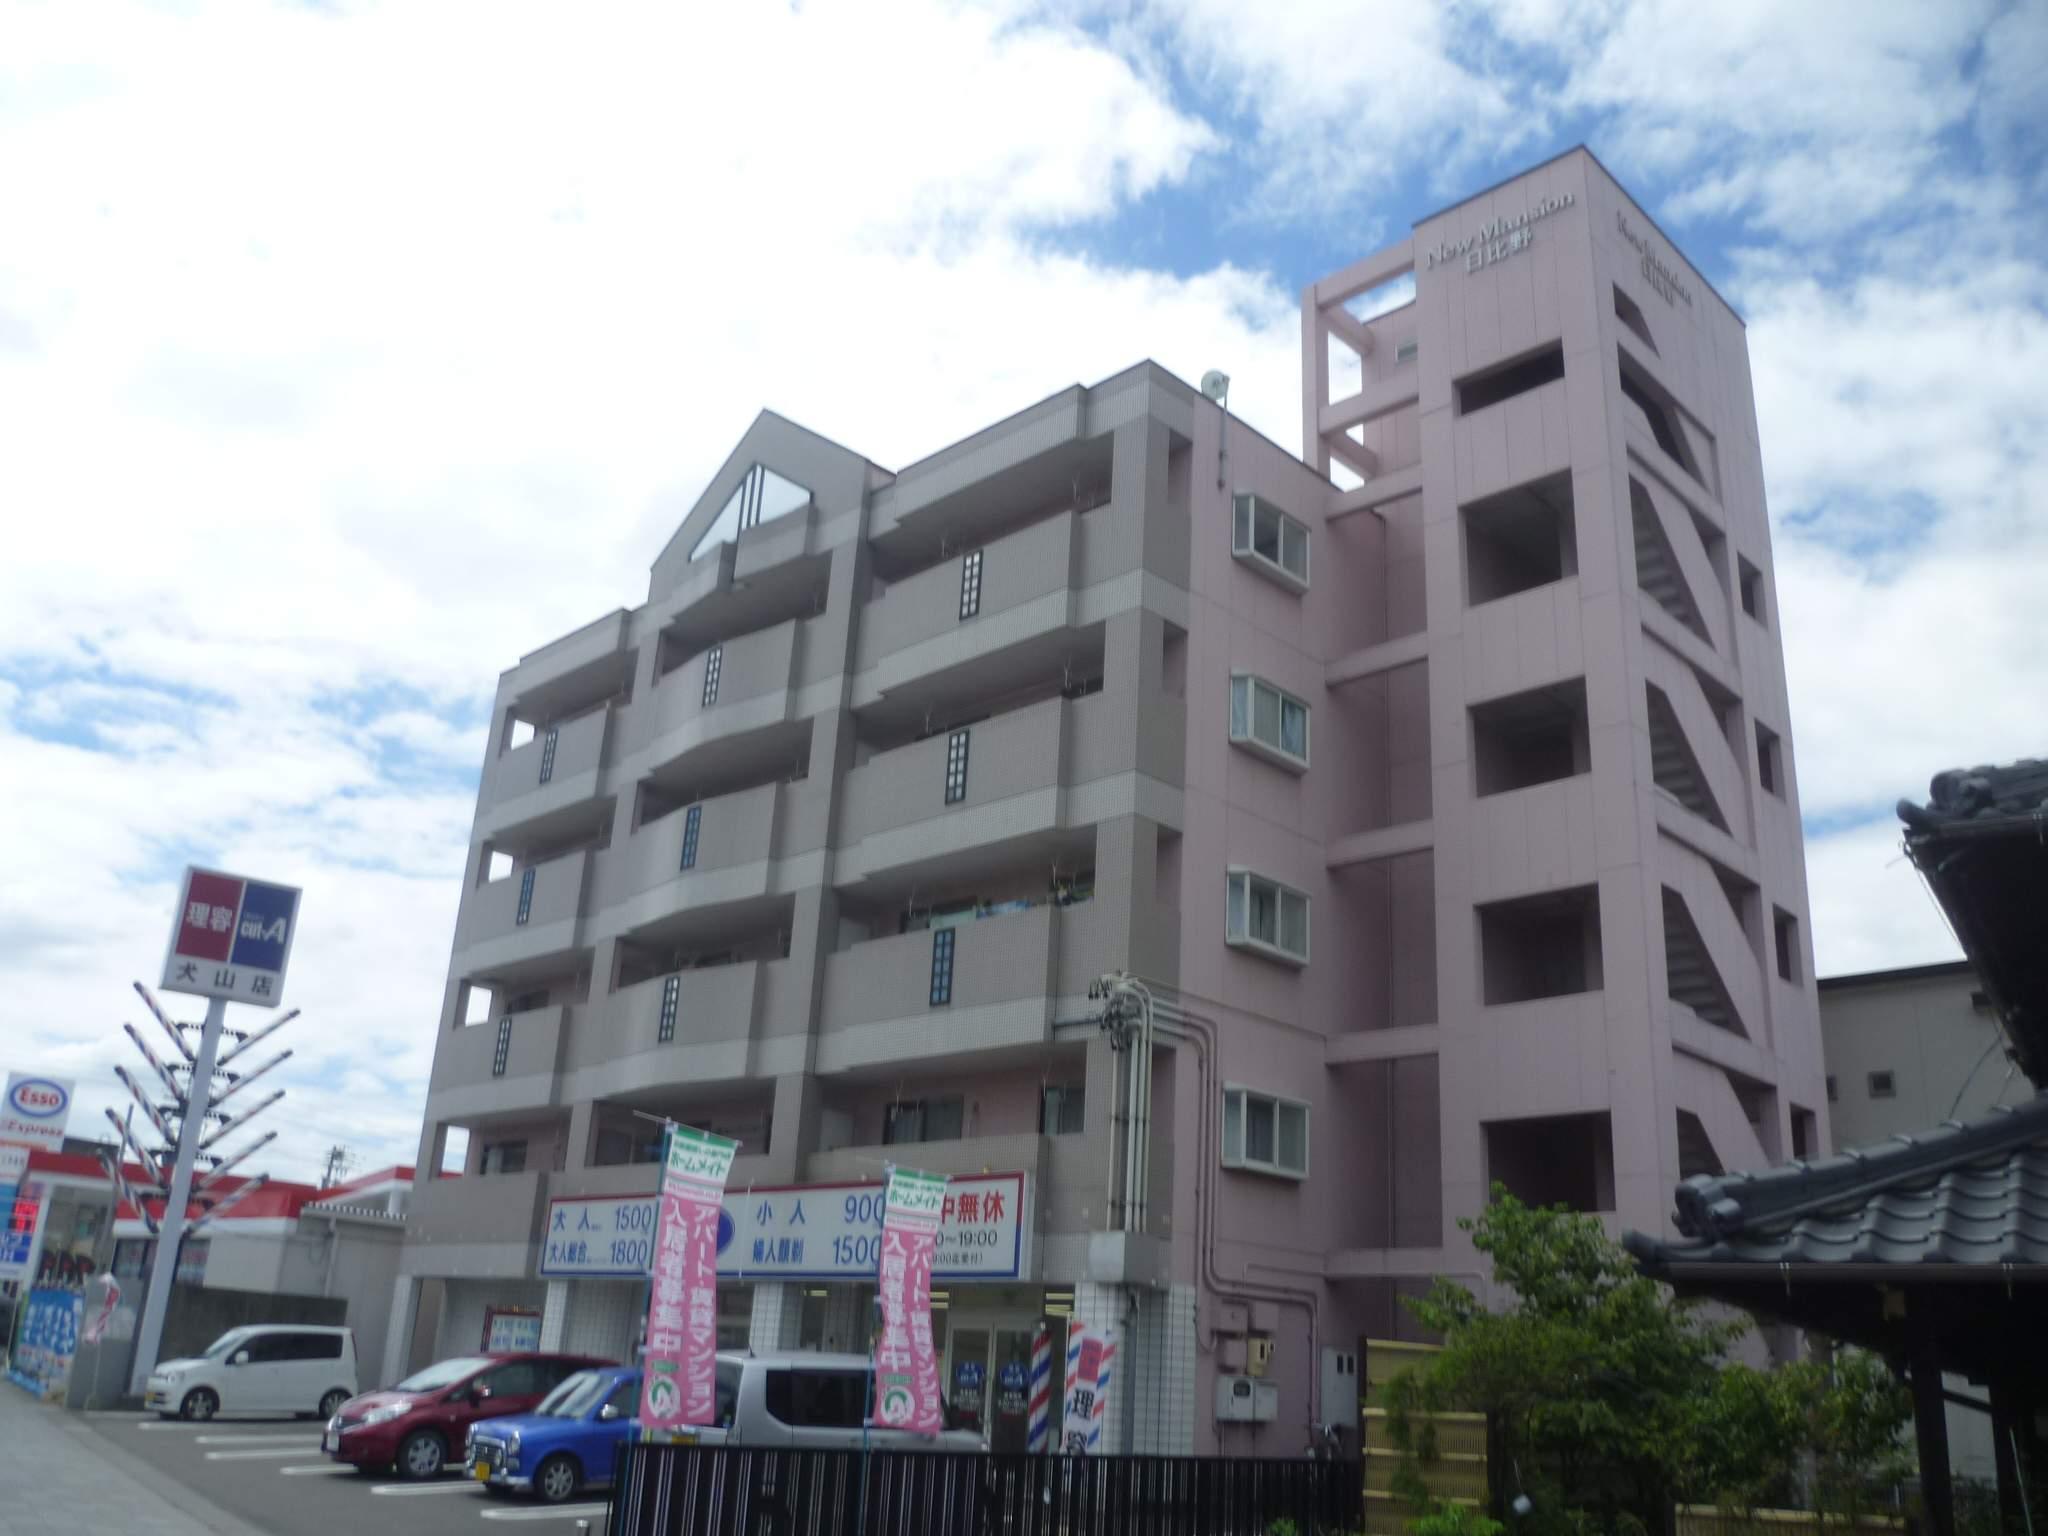 愛知県犬山市、犬山口駅徒歩8分の築25年 5階建の賃貸マンション